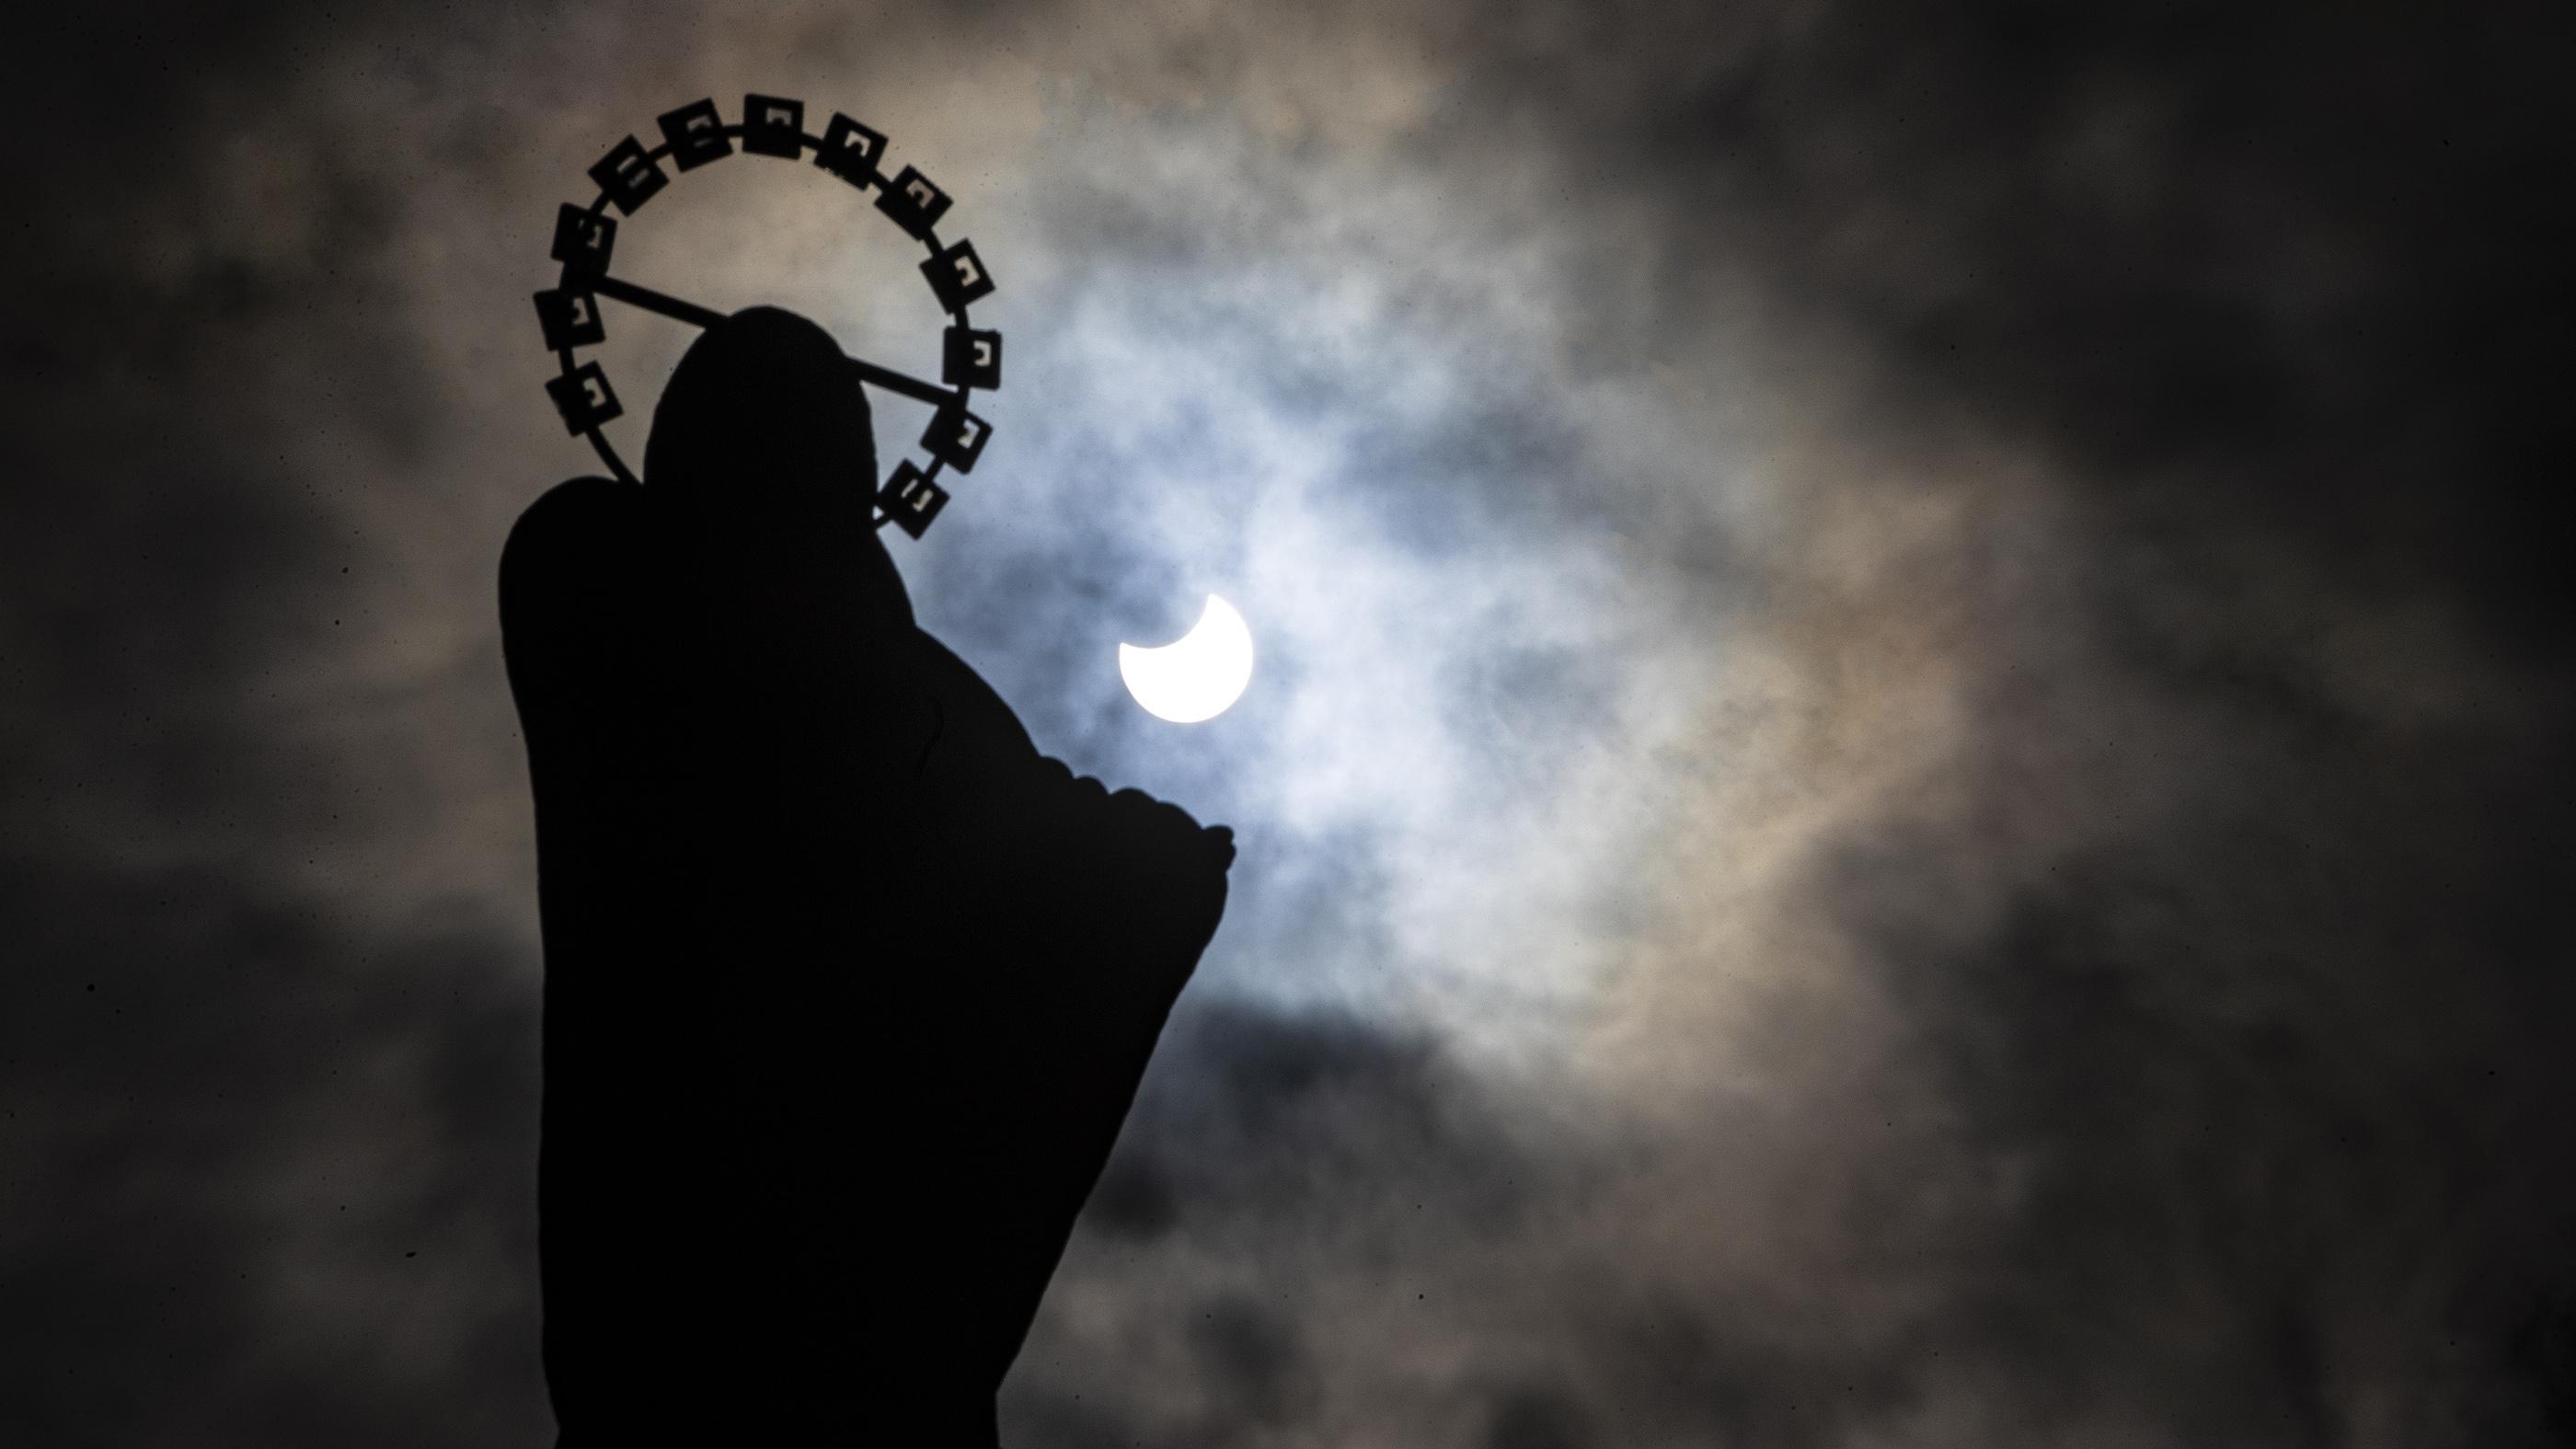 L'éclipse solaire partielle est suspendue derrière une statue de Notre-Dame, l'étoile de la mer sur le mur de Bull à Dublin, le 10 juin 2021. Les observateurs du Royaume-Uni et d'Irlande ont vu un croissant de soleil au lieu du «cercle de feu» formé par l'anneau éclipse.